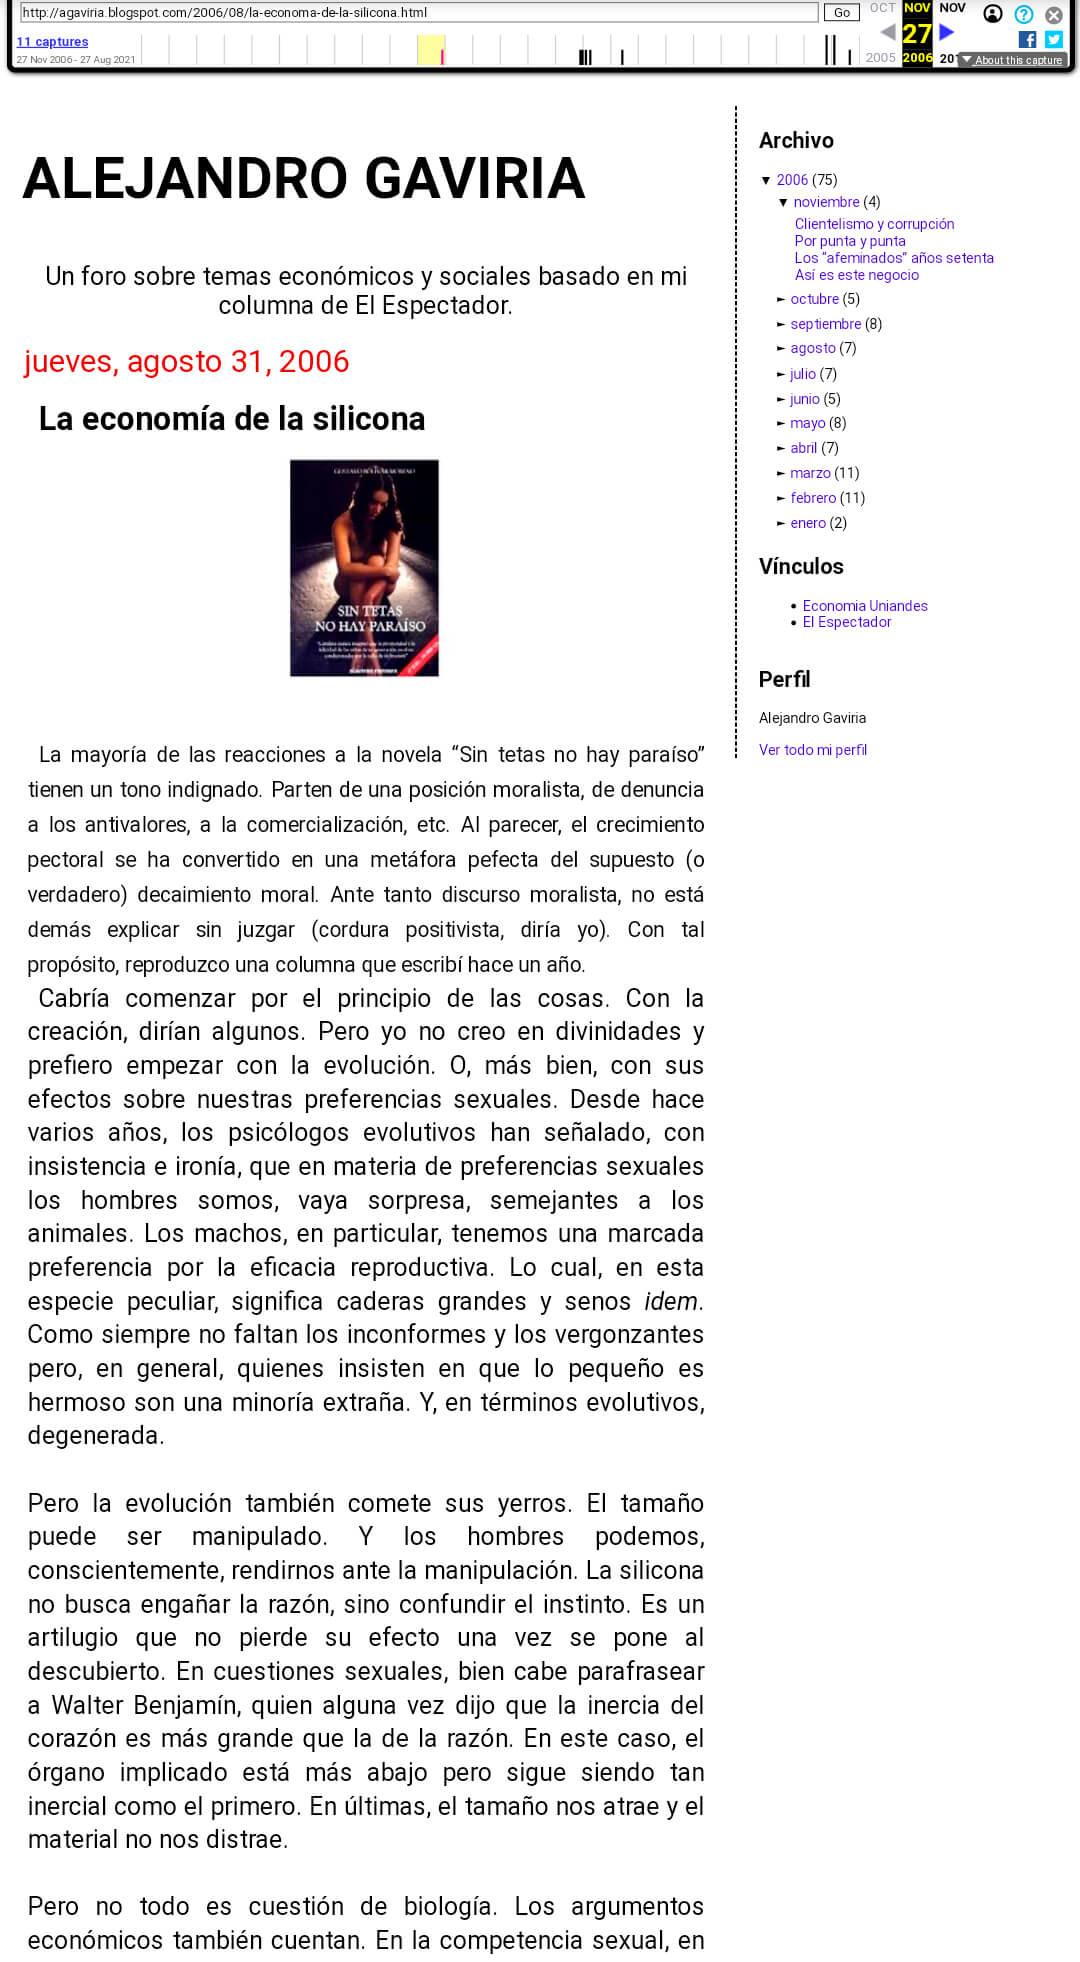 Pantallazo del artículo de Gaviria sobre la silicona en Wayback Machine